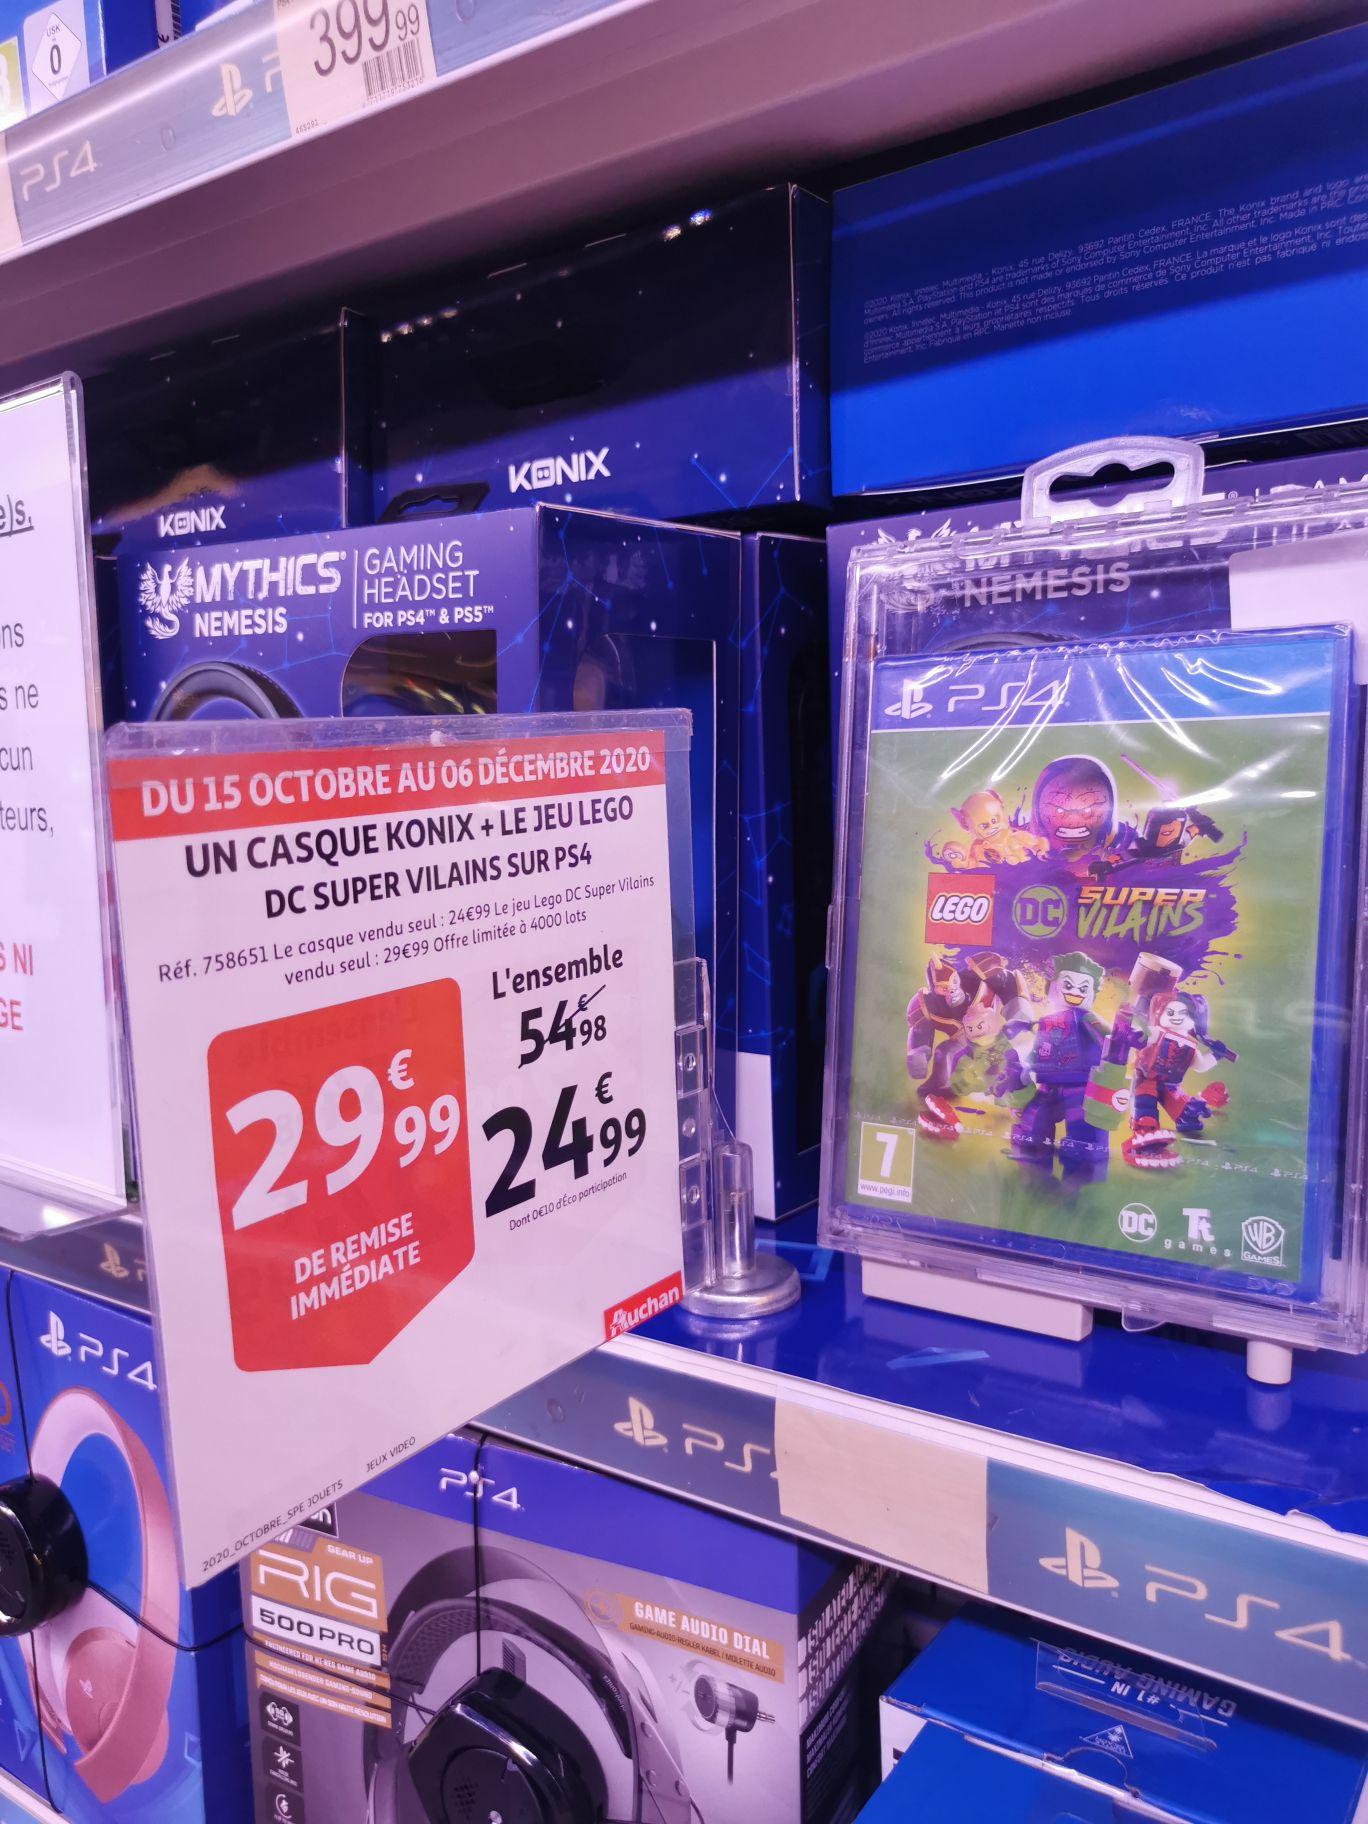 Casque Konix Mythics Nemesis + Jeu Lego DC Super Vilains (PS4) - Auchan Mistral 7 Avignon (84)